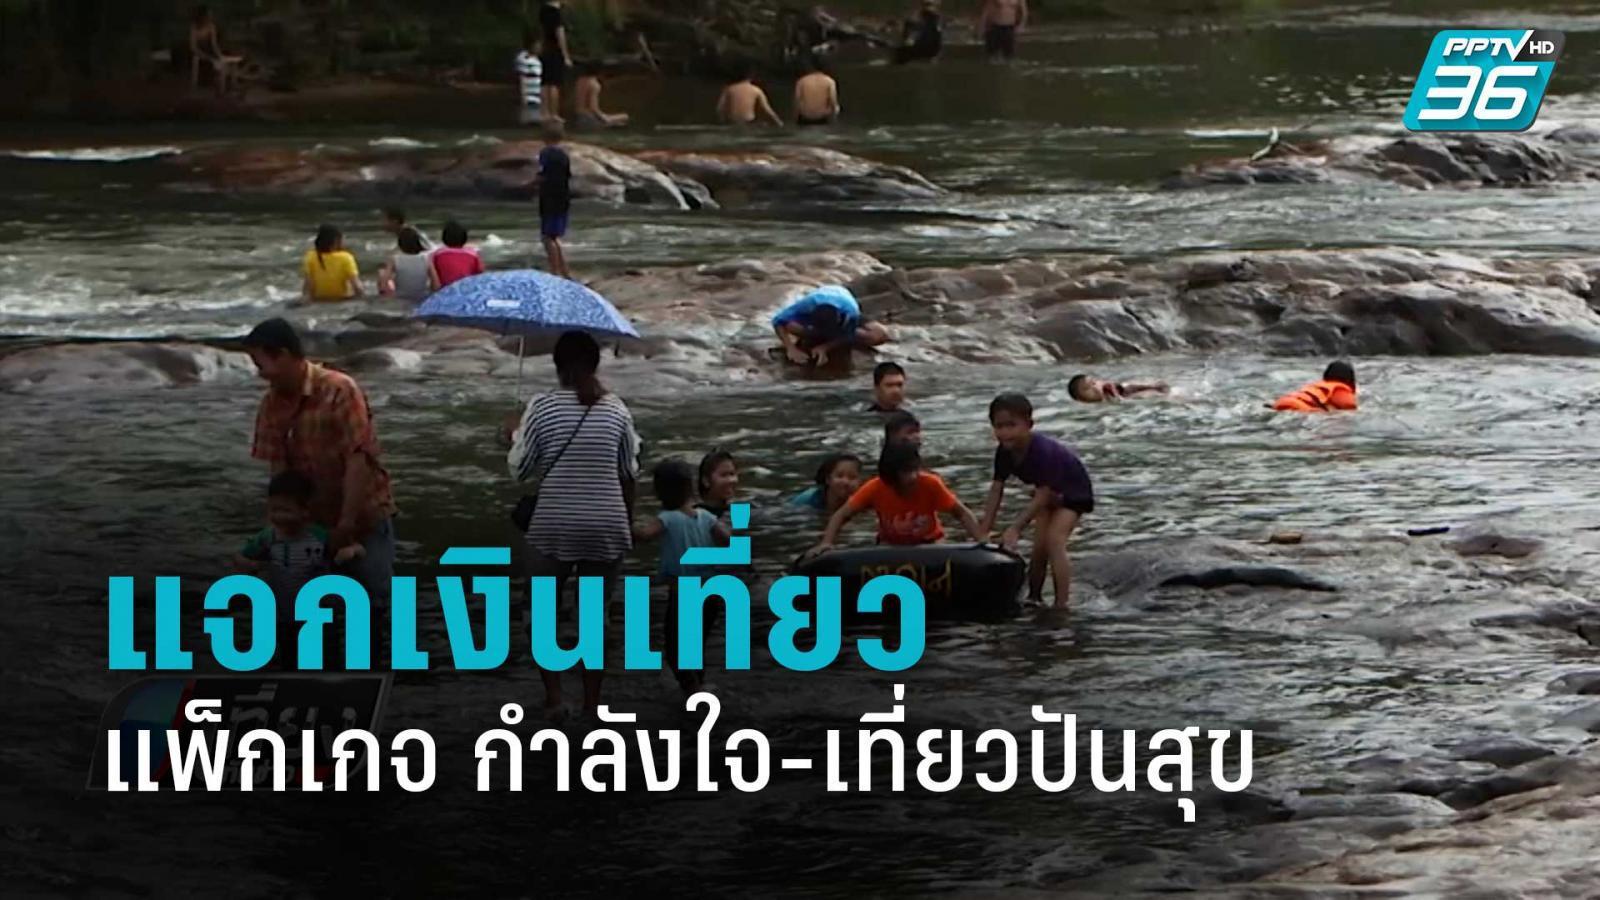 """จับตา! ก.คลัง ชงแจกเงินเที่ยว แพ็กเกจ """"กำลังใจ-เที่ยวปันสุข"""" กระตุ้นเที่ยวไทย"""